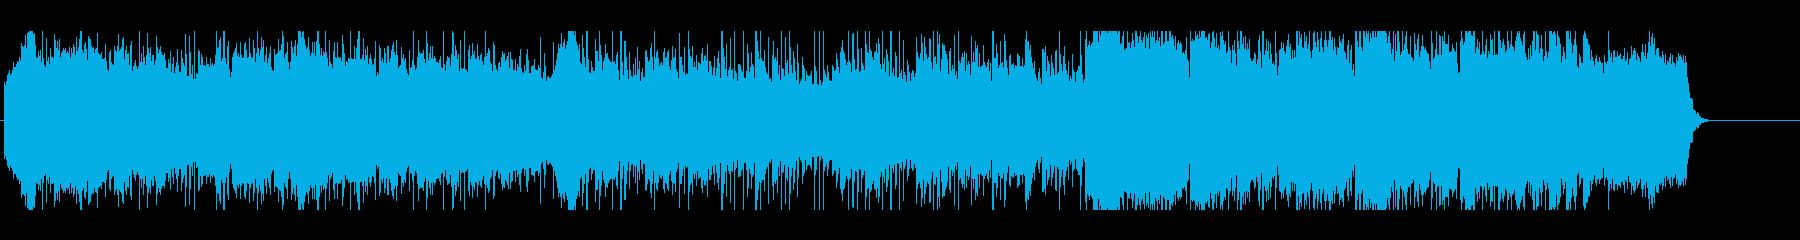 紀行 民族 アジア さびしい 夕暮れの再生済みの波形